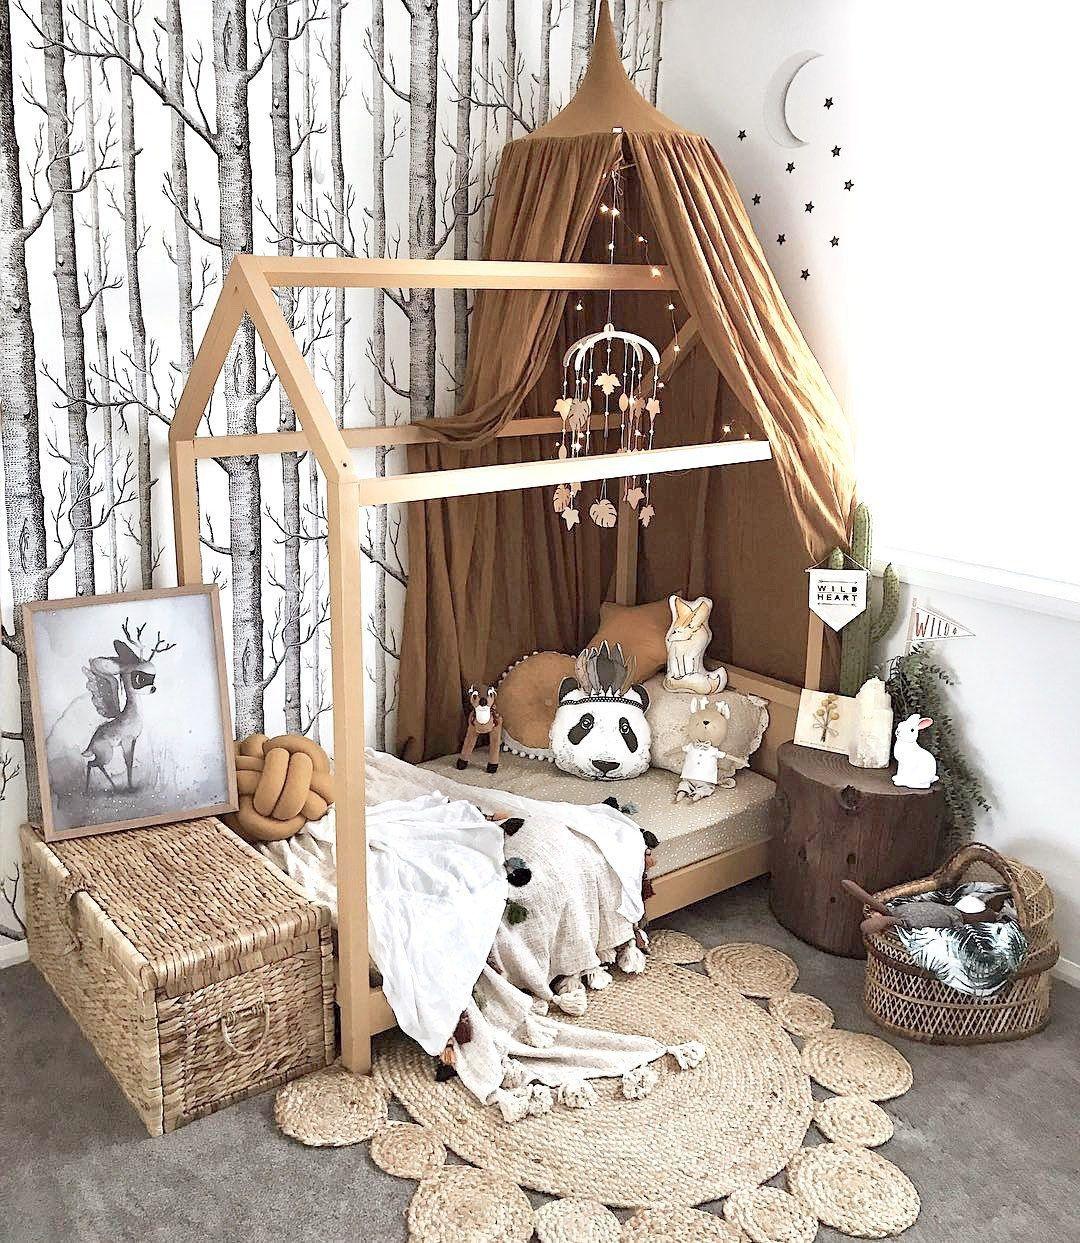 Chambre Lit Cabane Fille une chambre d'enfant de rêve - planete deco a homes world